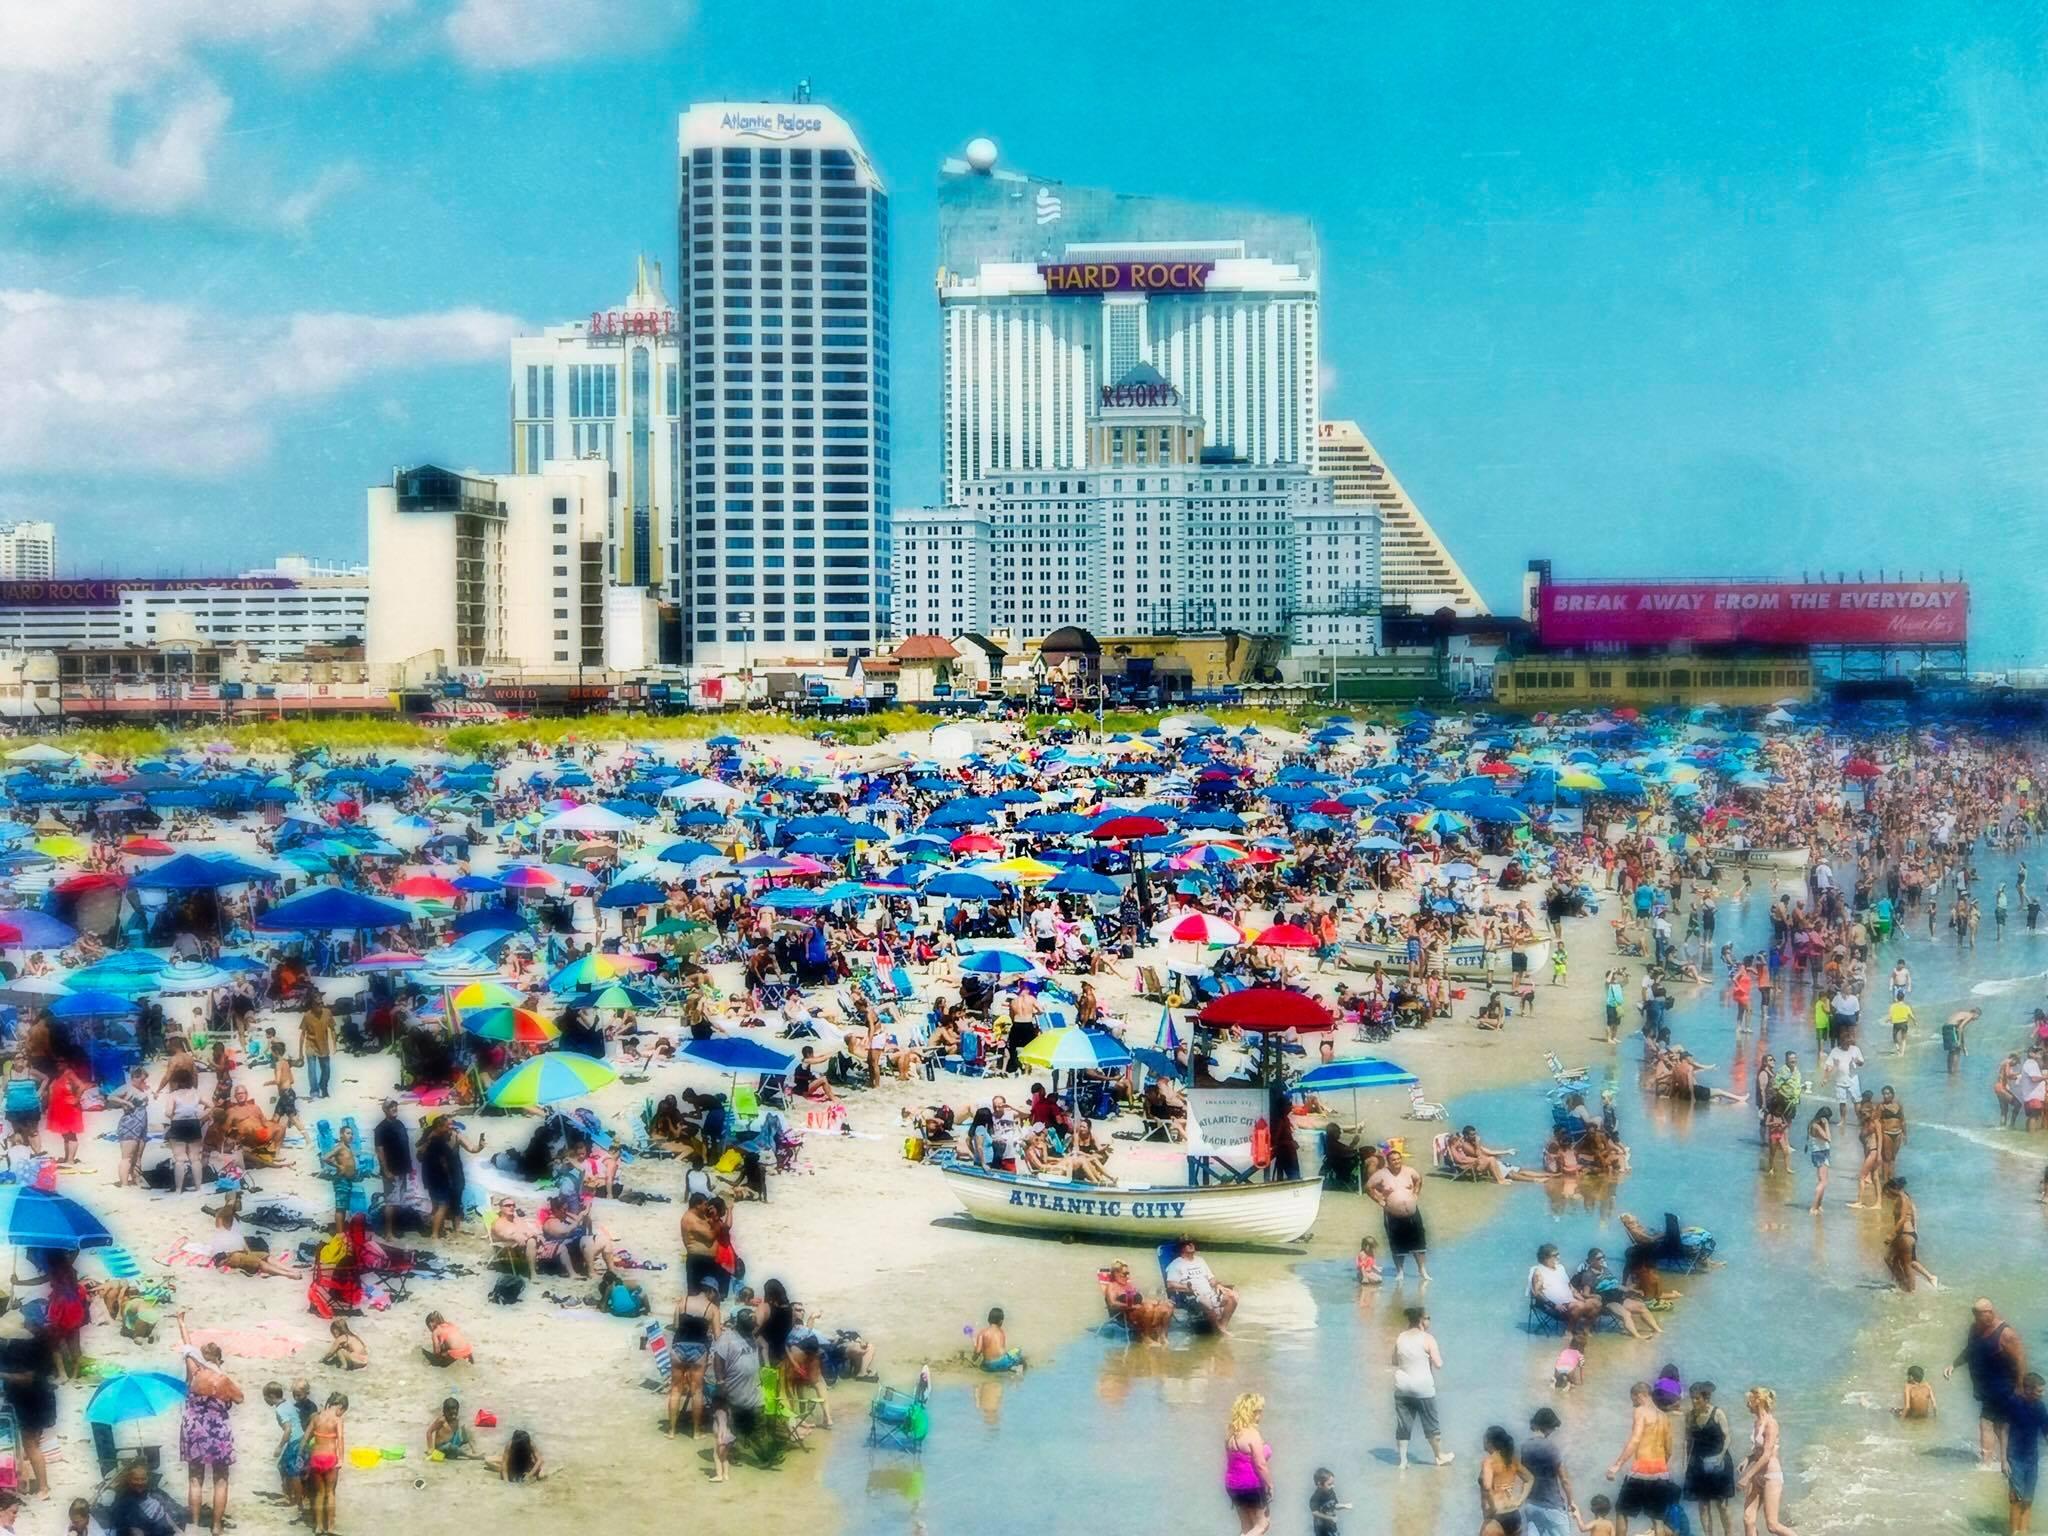 Atlantic City casinos gambling profit